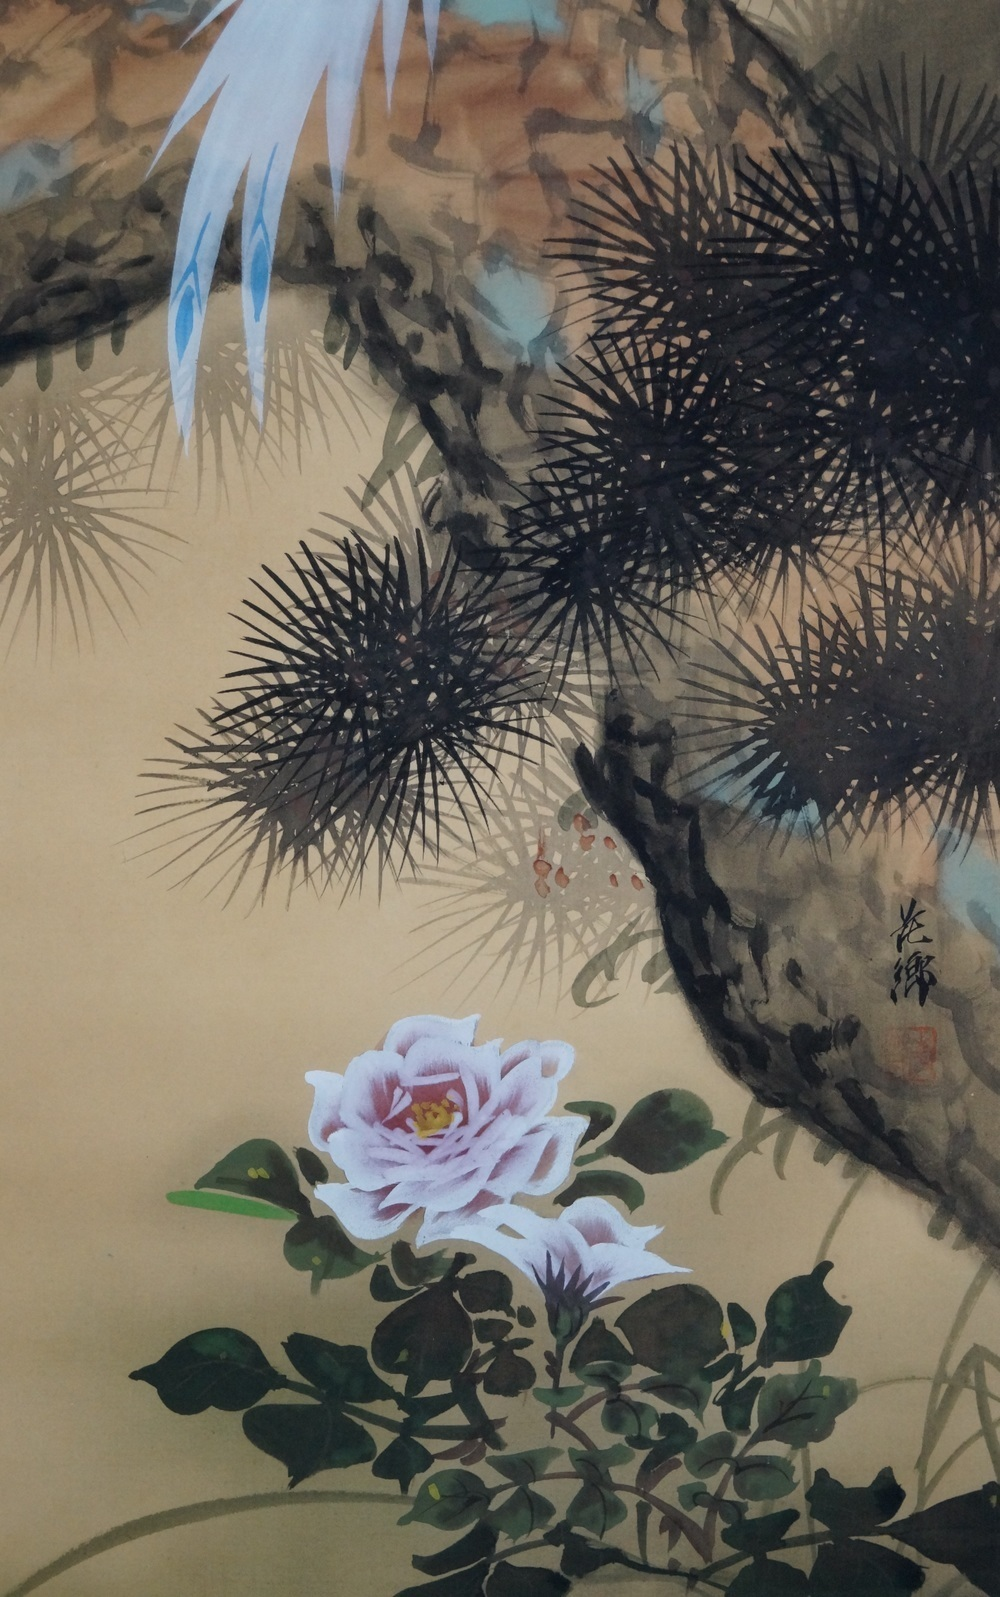 Der Vogel und die Pfingstrose - Japanisches Rollgemälde (Kakejiku)